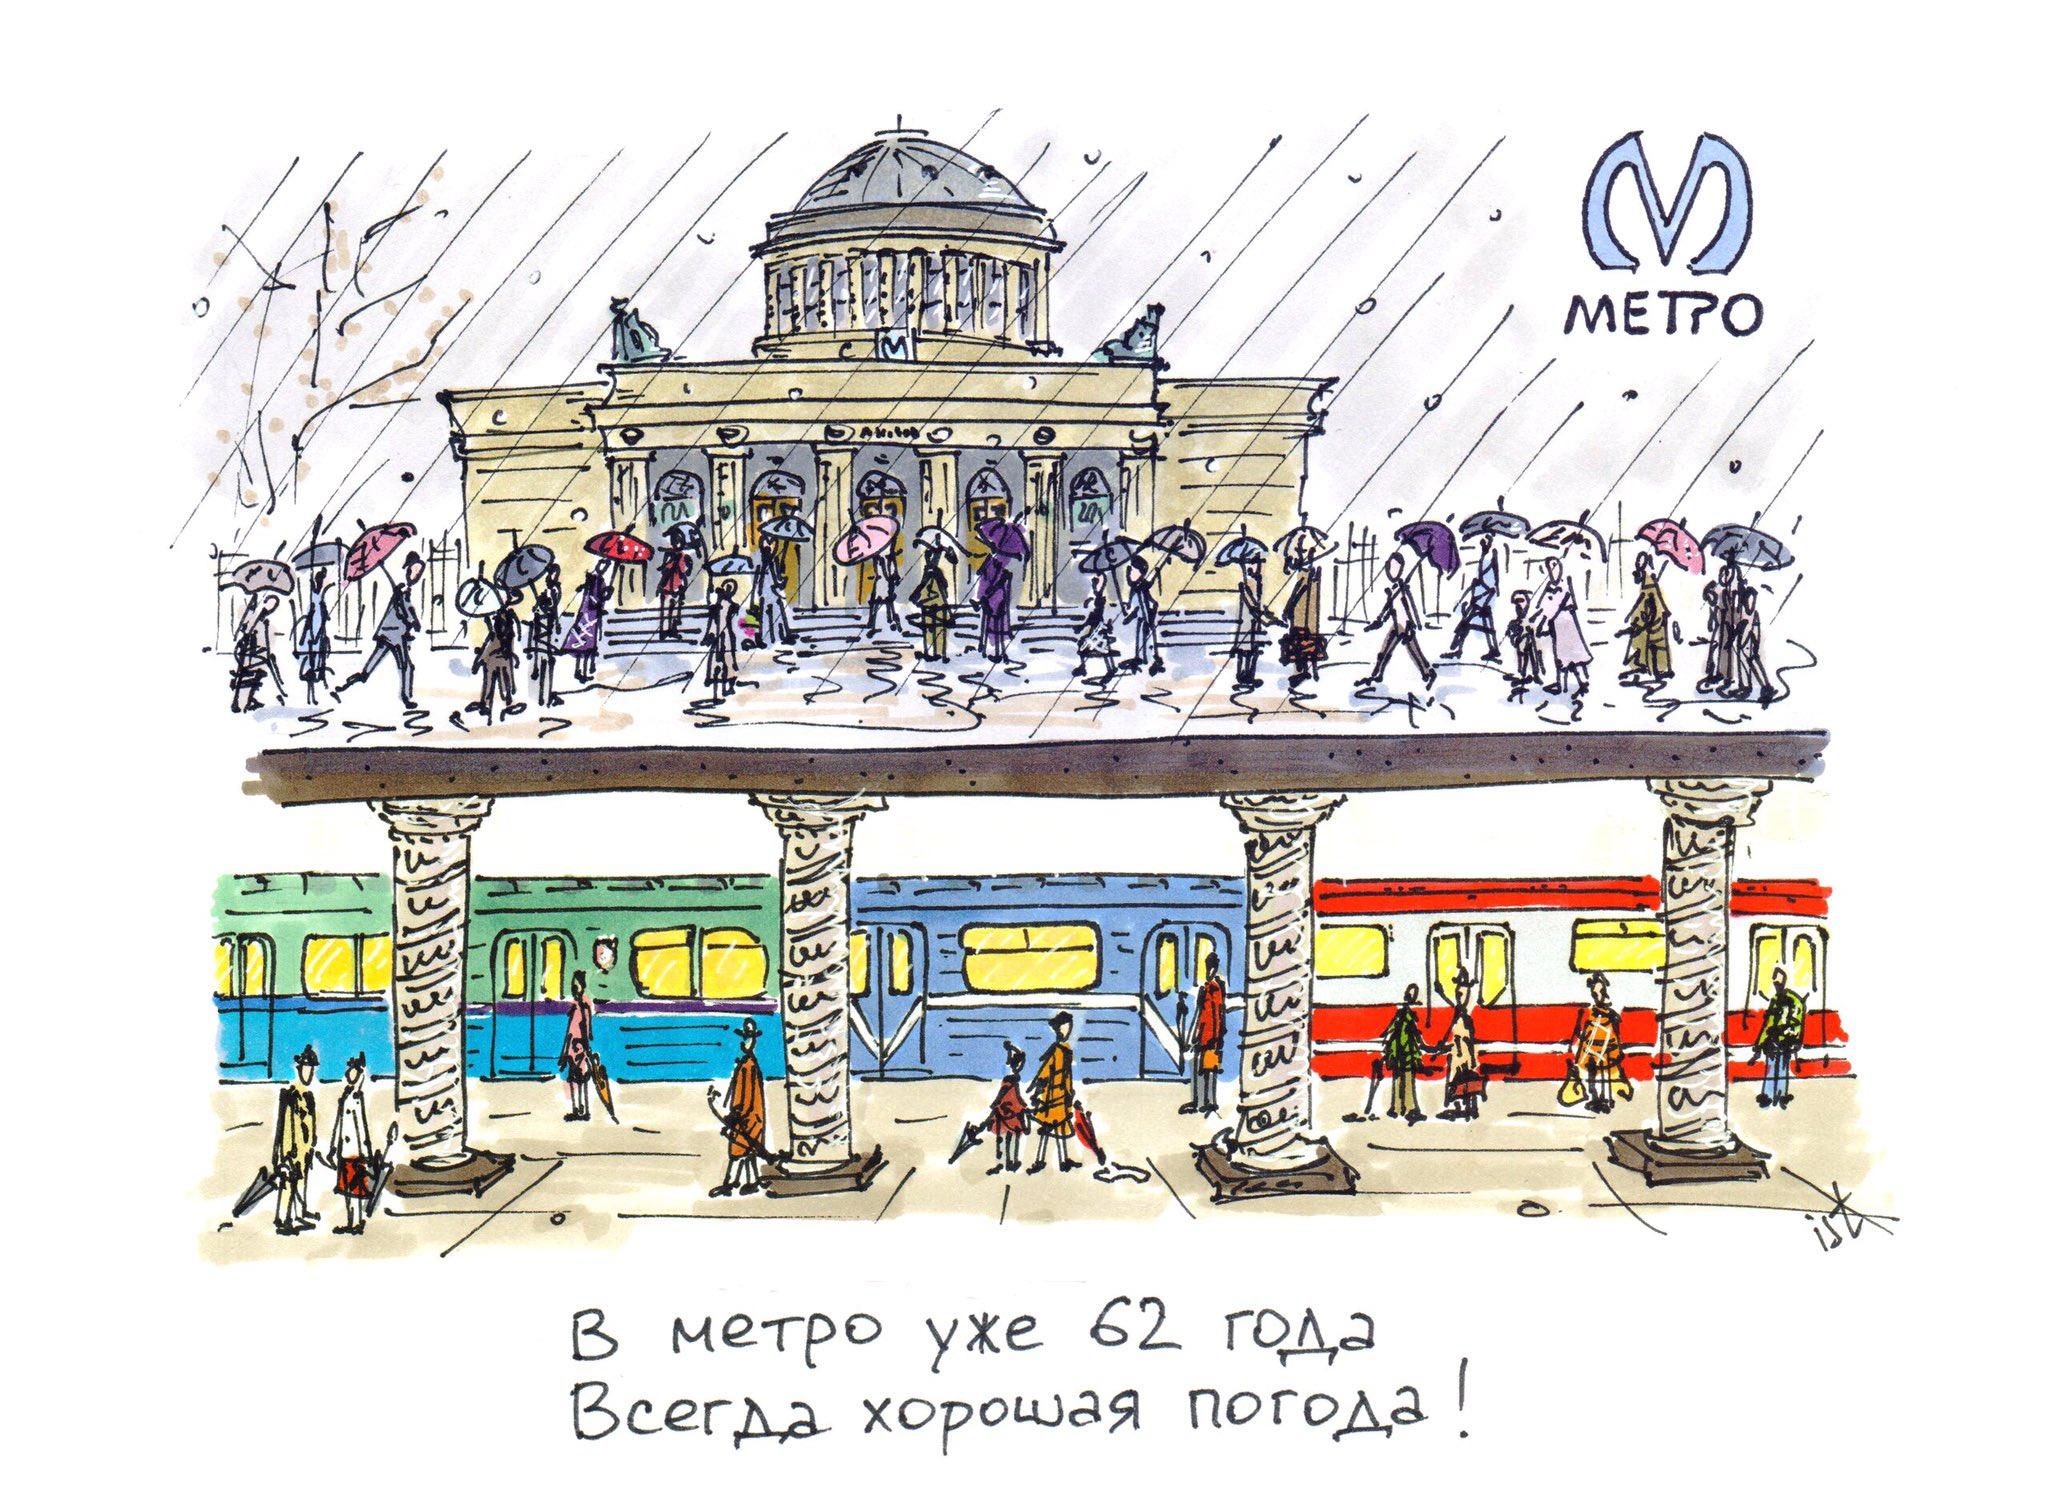 картинки к юбилею метро дни